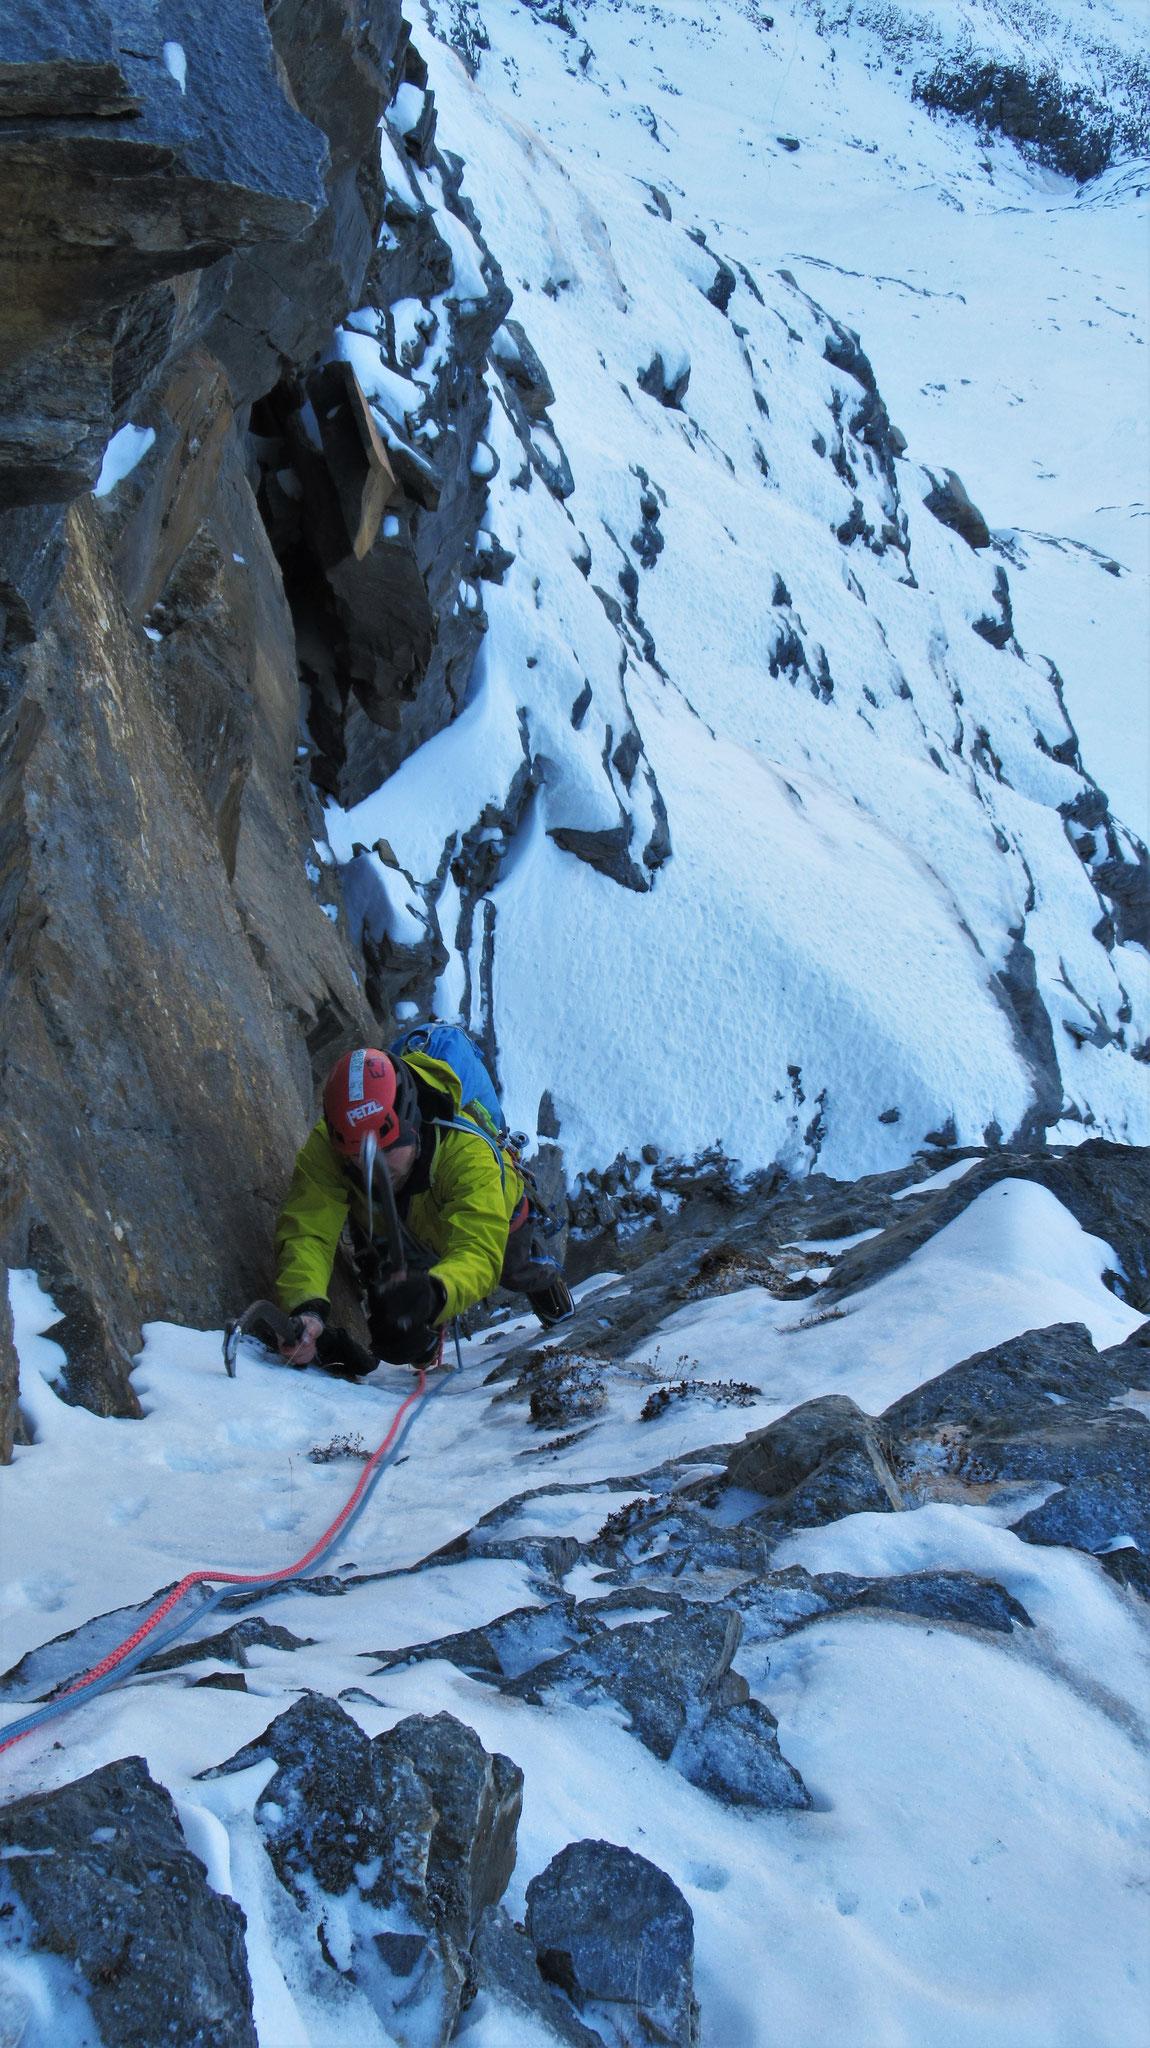 Jimmy dans la petite goulotte de sortie de L2  -  Cascade guide Maurienne